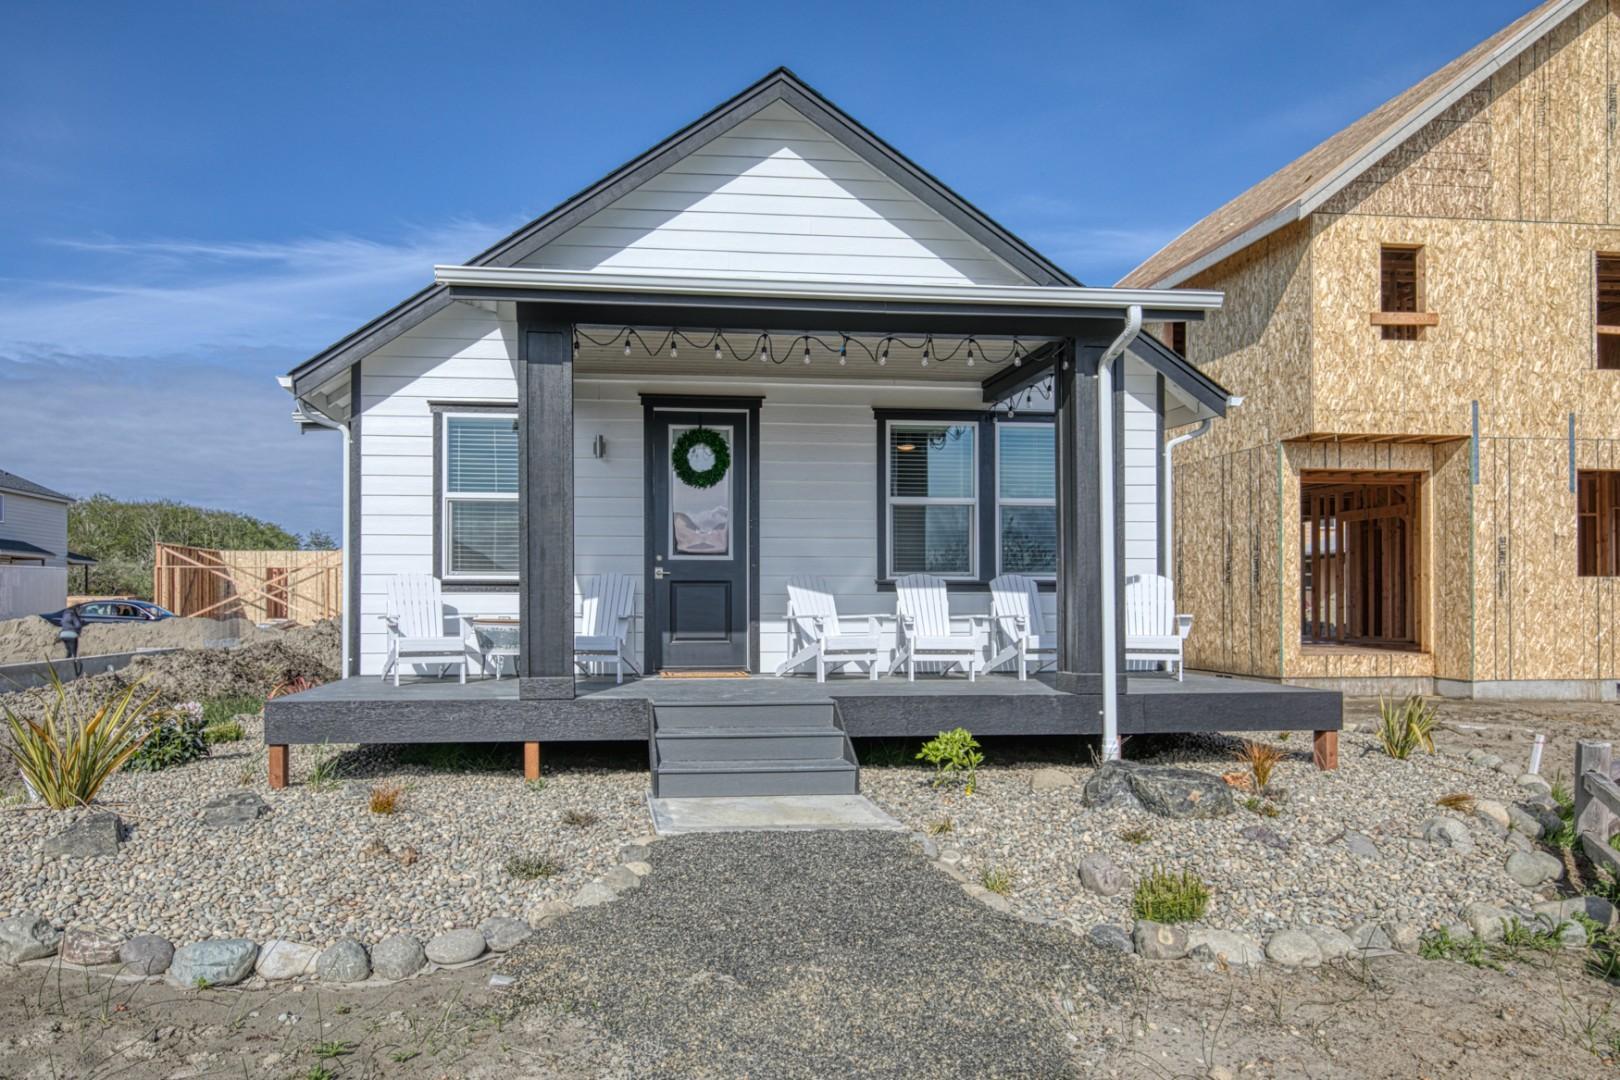 063 Sunflower Beach Cottage